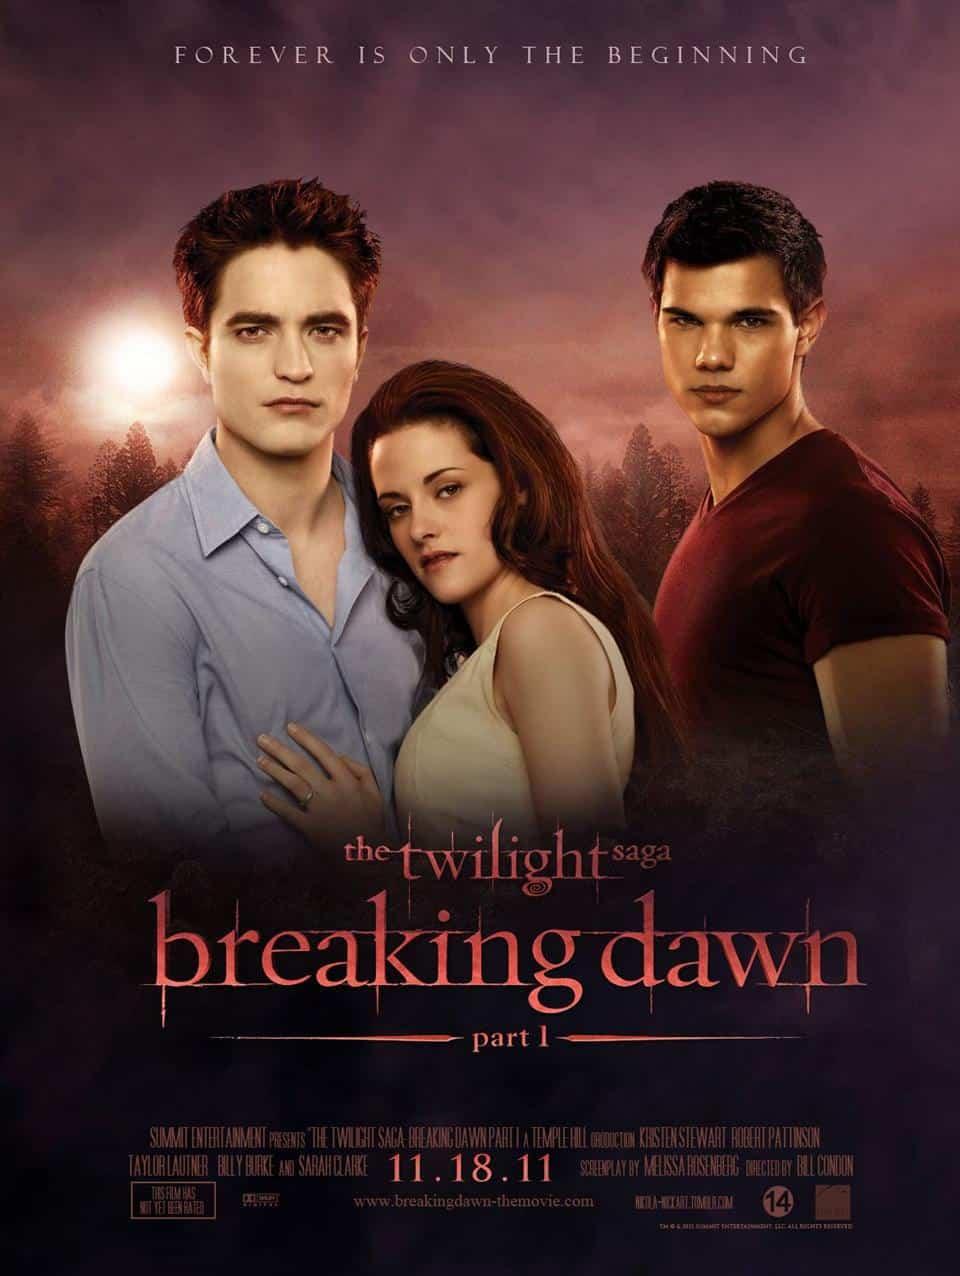 Urutan Film Twilight Yang Benar : urutan, twilight, benar, Inilah, Urutan, Benar, Menonton, Twilight, Saga!